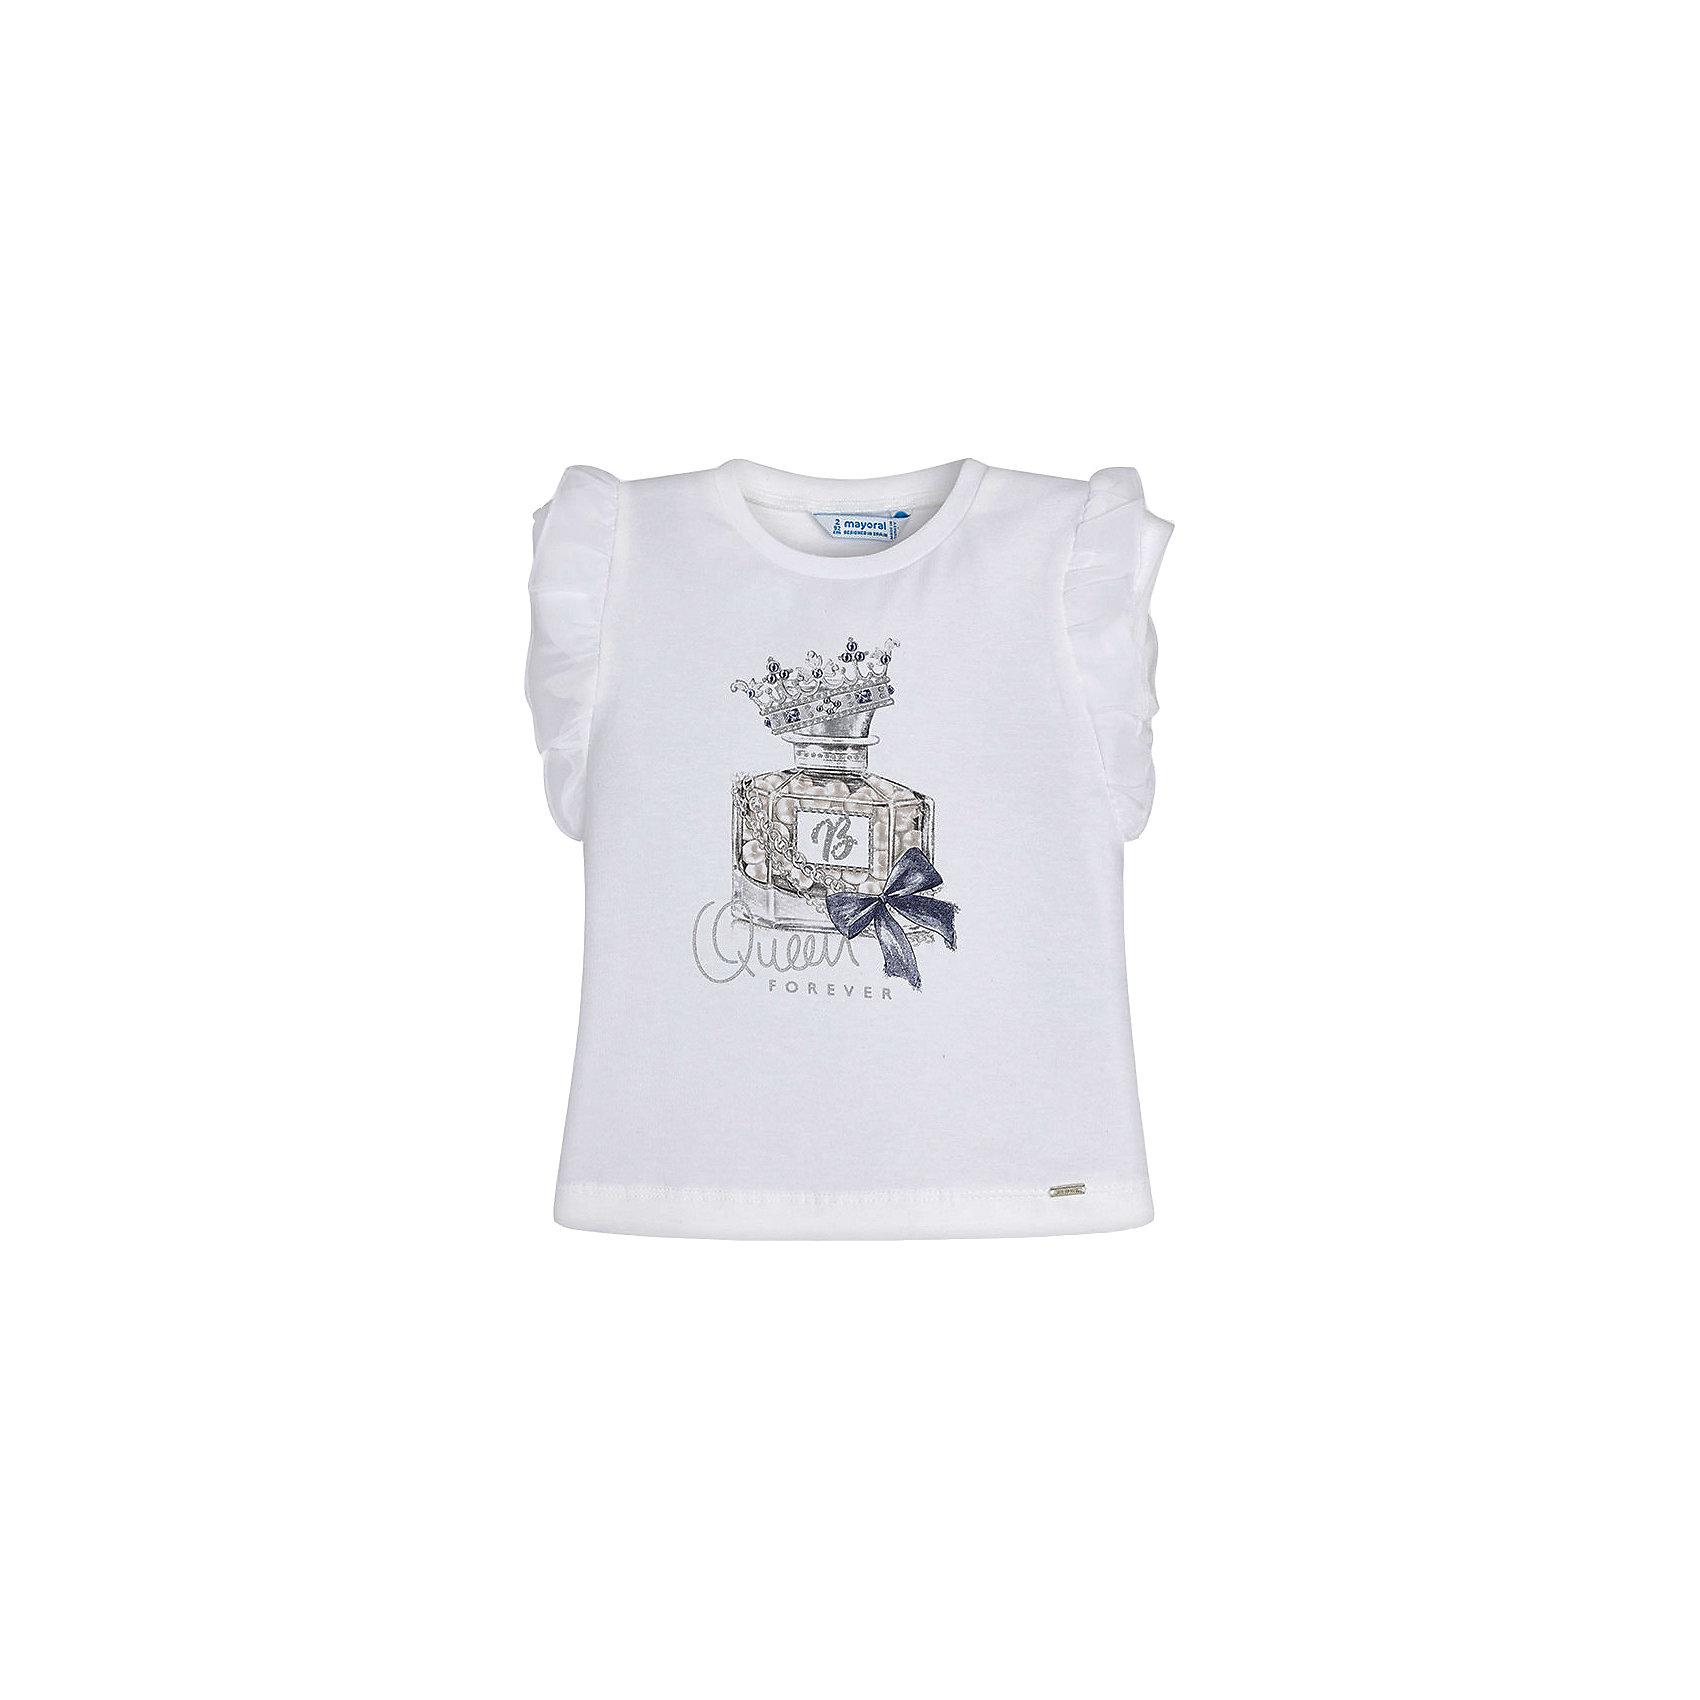 Футболка для мальчика MayoralФутболки, поло и топы<br>Характеристики товара:<br><br>• цвет: белый/персиковый<br>• состав: 100% хлопок<br>• круглый горловой вырез<br>• декорирована принтом<br>• короткие рукава<br>• отделка горловины<br>• страна бренда: Испания<br><br>Модная удобная футболка с принтом поможет разнообразить гардероб мальчика. Она отлично сочетается с брюками, шортами, джинсами. Универсальный крой и цвет позволяет подобрать к вещи низ разных расцветок. Практичное и стильное изделие! Хорошо смотрится и комфортно сидит на детях. В составе материала - только натуральный хлопок, гипоаллергенный, приятный на ощупь, дышащий. <br><br>Одежда, обувь и аксессуары от испанского бренда Mayoral полюбились детям и взрослым по всему миру. Модели этой марки - стильные и удобные. Для их производства используются только безопасные, качественные материалы и фурнитура. Порадуйте ребенка модными и красивыми вещами от Mayoral! <br><br>Футболку для мальчика от испанского бренда Mayoral (Майорал) можно купить в нашем интернет-магазине.<br><br>Ширина мм: 199<br>Глубина мм: 10<br>Высота мм: 161<br>Вес г: 151<br>Цвет: оранжевый<br>Возраст от месяцев: 48<br>Возраст до месяцев: 60<br>Пол: Мужской<br>Возраст: Детский<br>Размер: 110,134,128,122,116,98,92,104<br>SKU: 5279854